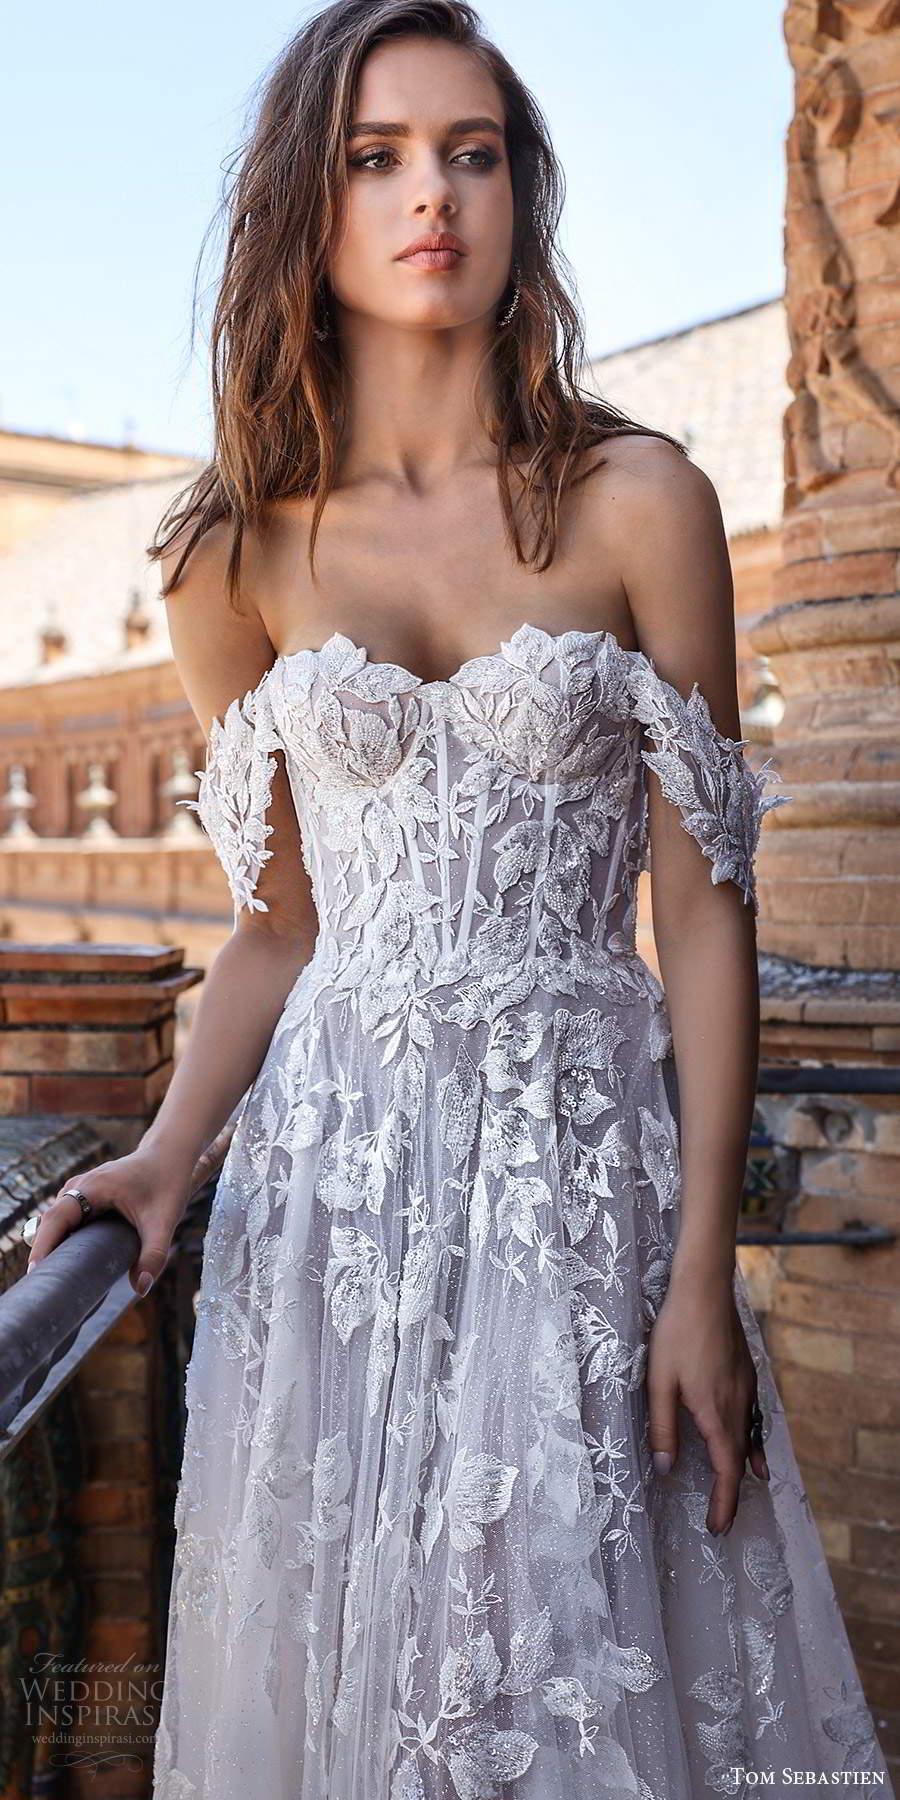 tom sebastien 2021 bridal off shoulder straps sweetheart neckline fully embellished a line ball gown wedding dress chapel train (3) mv